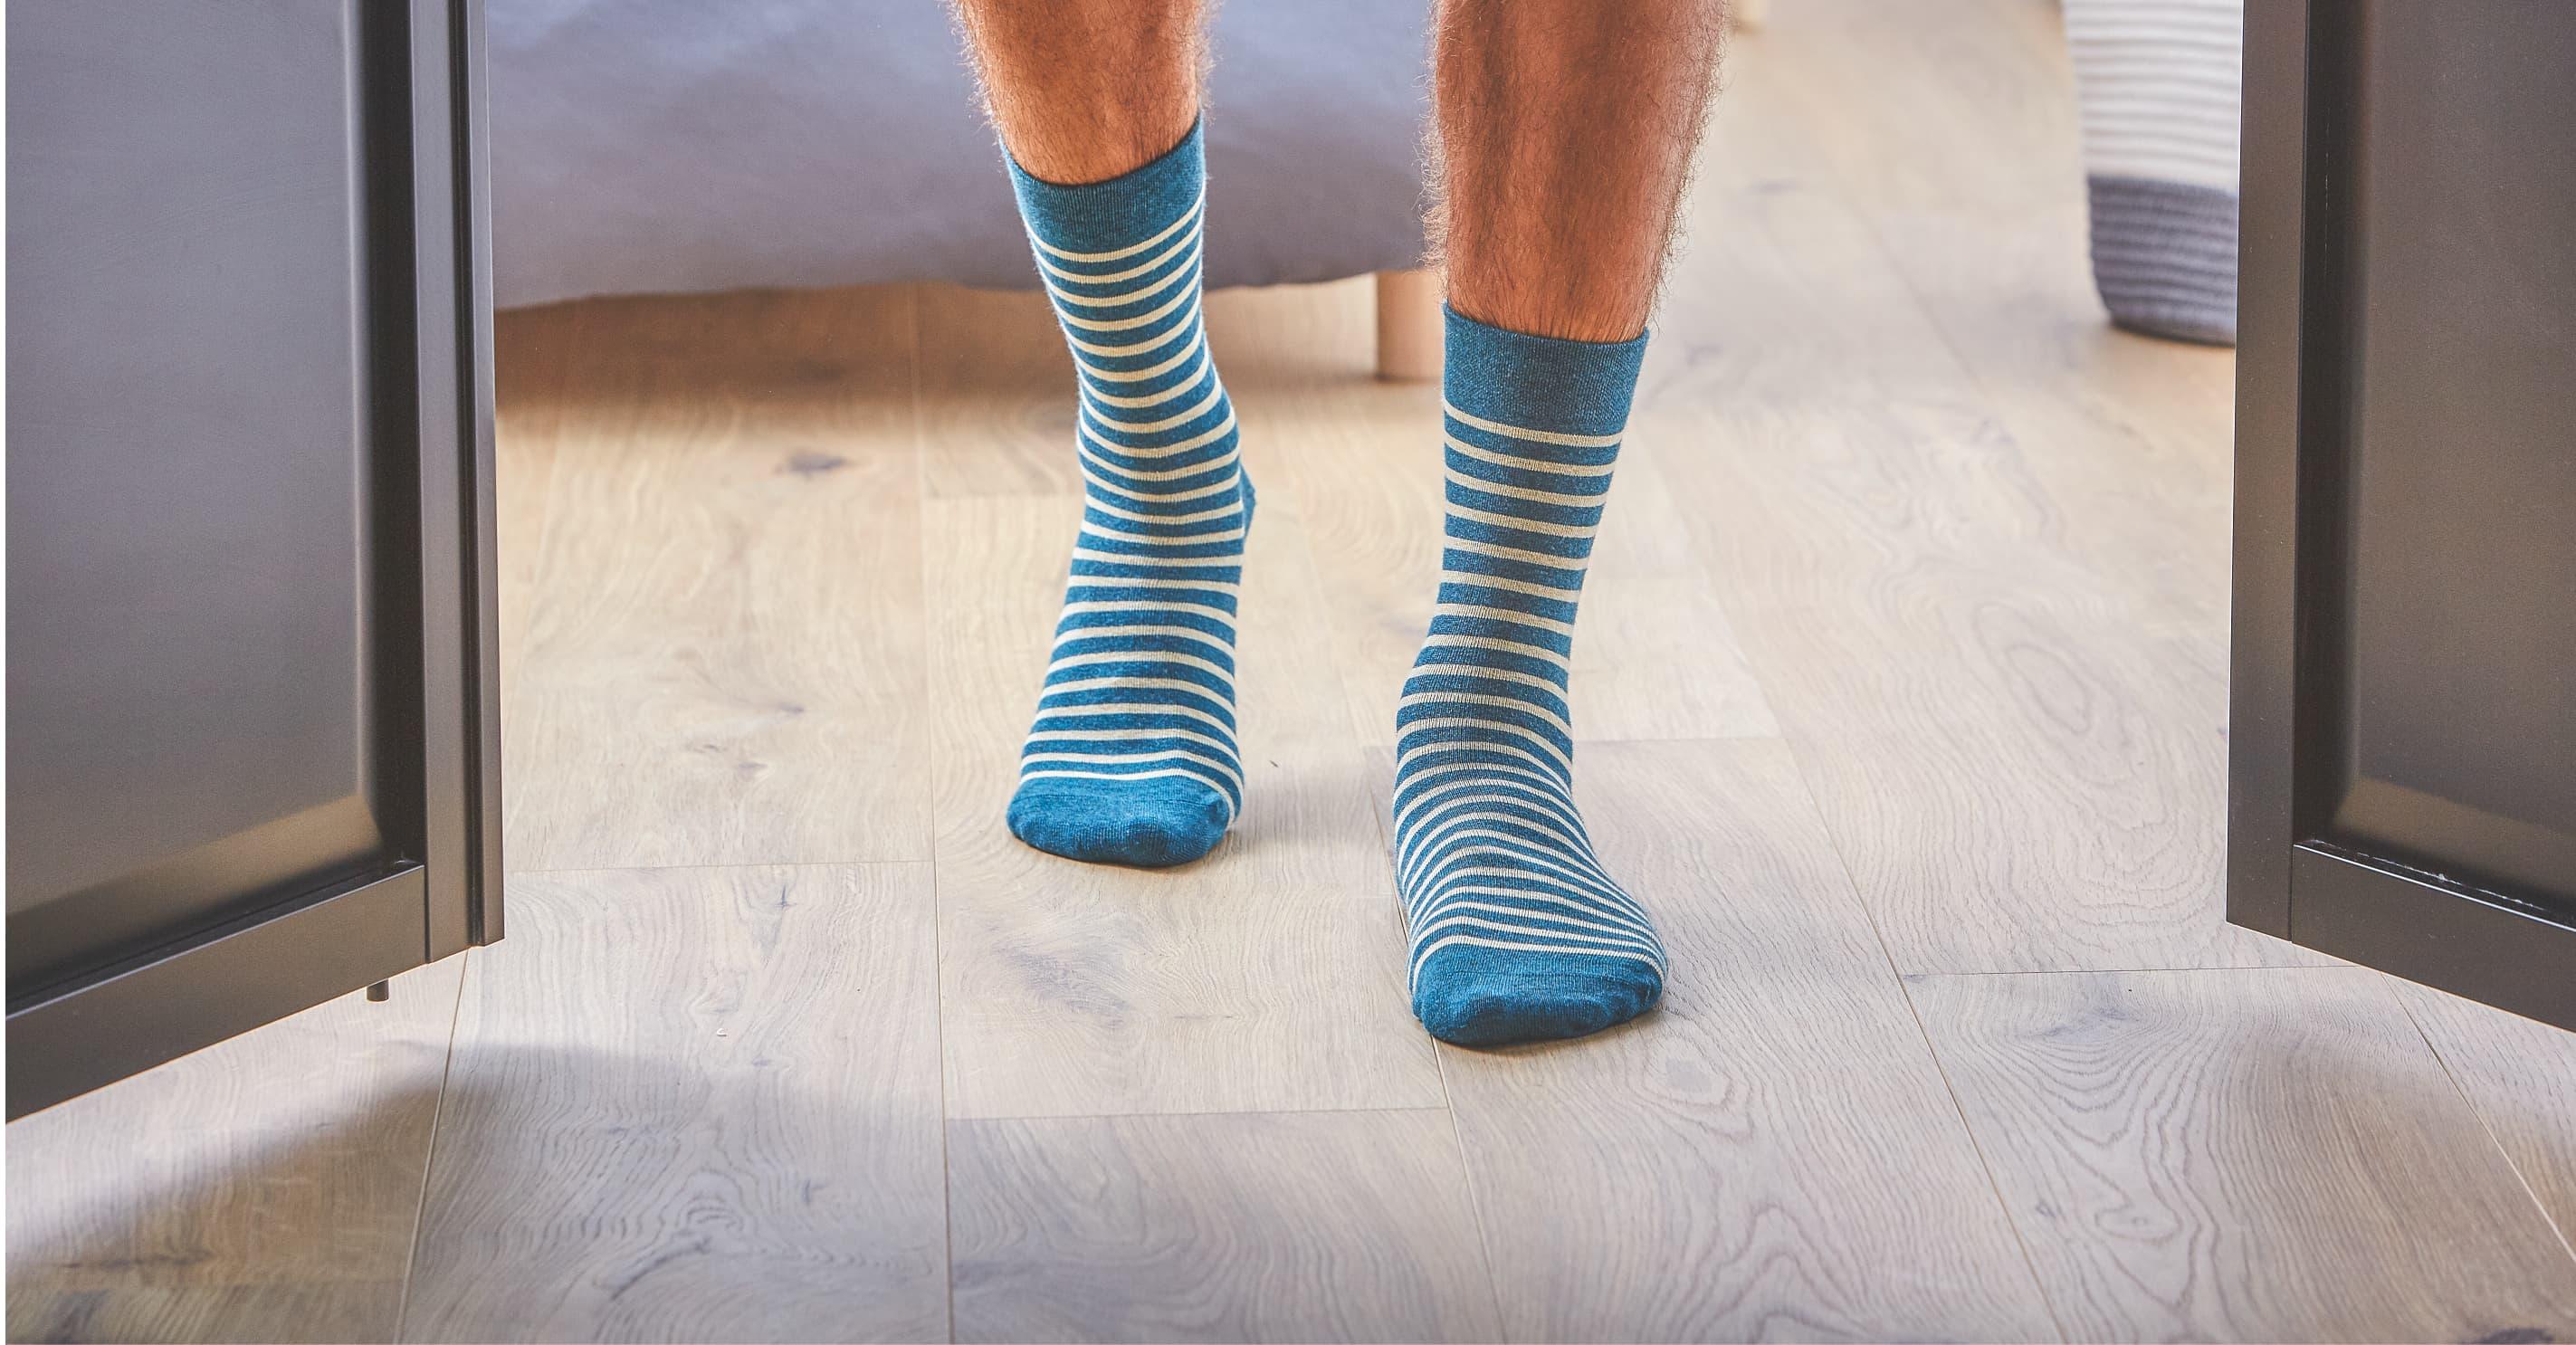 Les chaussettes fantaisies pour hommes peuvent être portées en toutes saisons. Elle protège votre pied à l'intérieur de vos chaussures, de vos baskets ou de vos sneakers.  La collection de chaussettes fantaisies apporte des motifs raffinés, aux couleurs subtiles et qui s'associent parfaitement à la plupart des chaussures actuellement en vogue.   Confectionnées avec des matières naturelles,  du coton 100 % peigné, les chaussettes homme sont d'une qualité rare sur le marché. En plus de sélectionner les longues fibres de coton pour éviter le boulochage à long terme, chaque chaussette est remaillée à la main. Une méthode des plus raffinées habituellement utilisée par les maisons de luxe. Le remaillage à la main consiste à reprendre maille par maille afin que les coutures soient imperceptibles au toucher.  Cette technique pointilleuse garantit l'absence de bourrelet pouvant se révéler gênants et irritants à moyen terme.